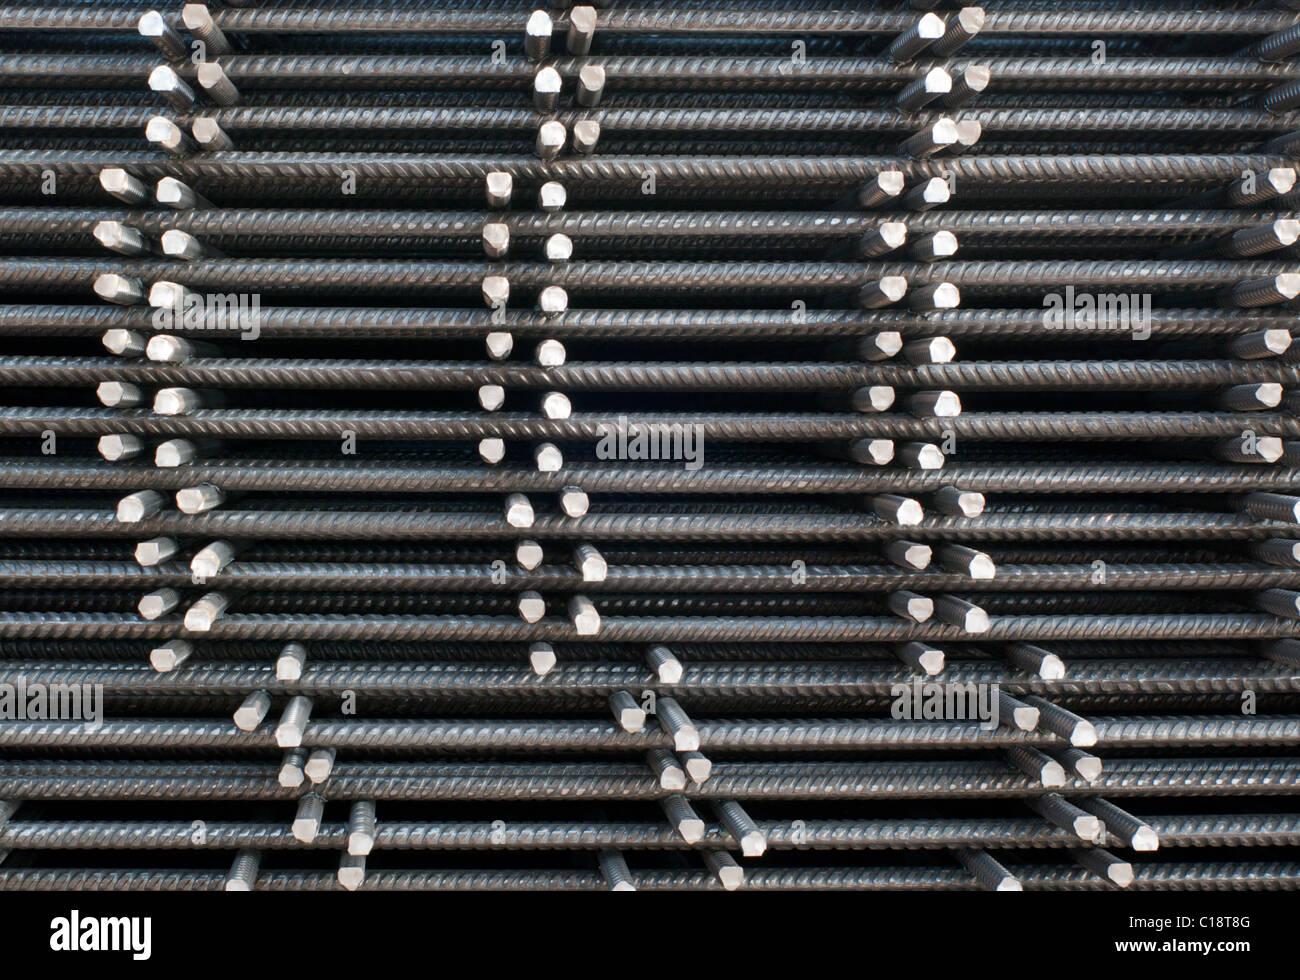 Le renforcement du béton treillis d'acier Photo Stock